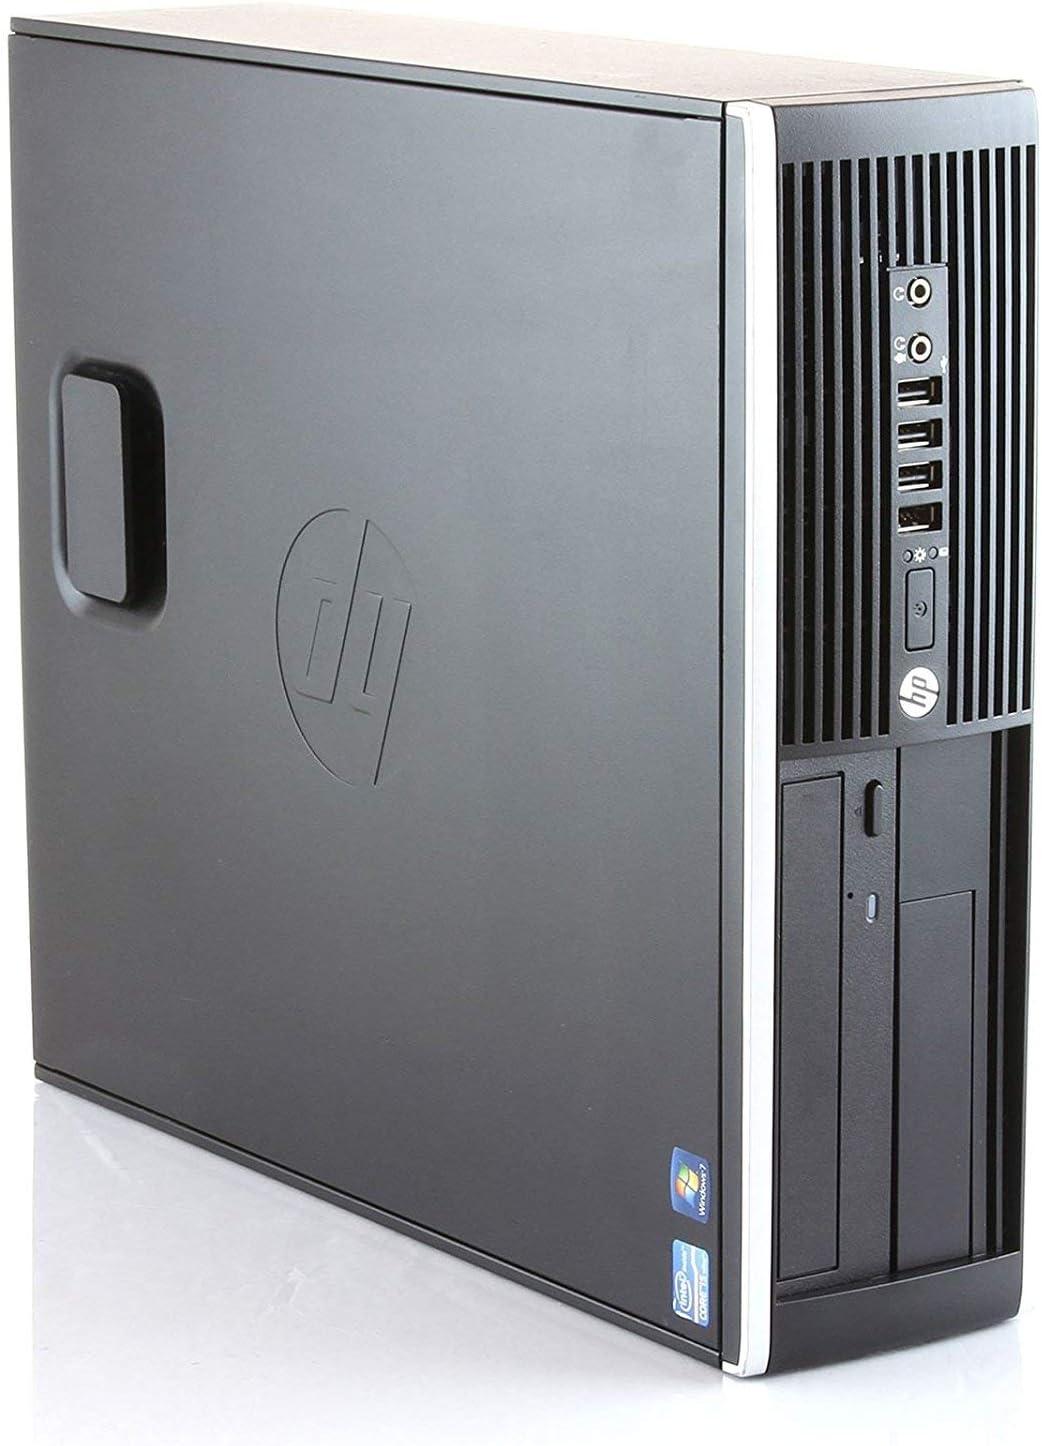 HP Elite 8300 - Ordenador de sobremesa (Intel Core i7-3770, 32GB de RAM, Disco SSD 240GB + 500GB HDD, Lector DVD,Grafica 2GB HDMI, WiFi, Windows 10 Pro ES 64) - Negro (Reacondicionado)